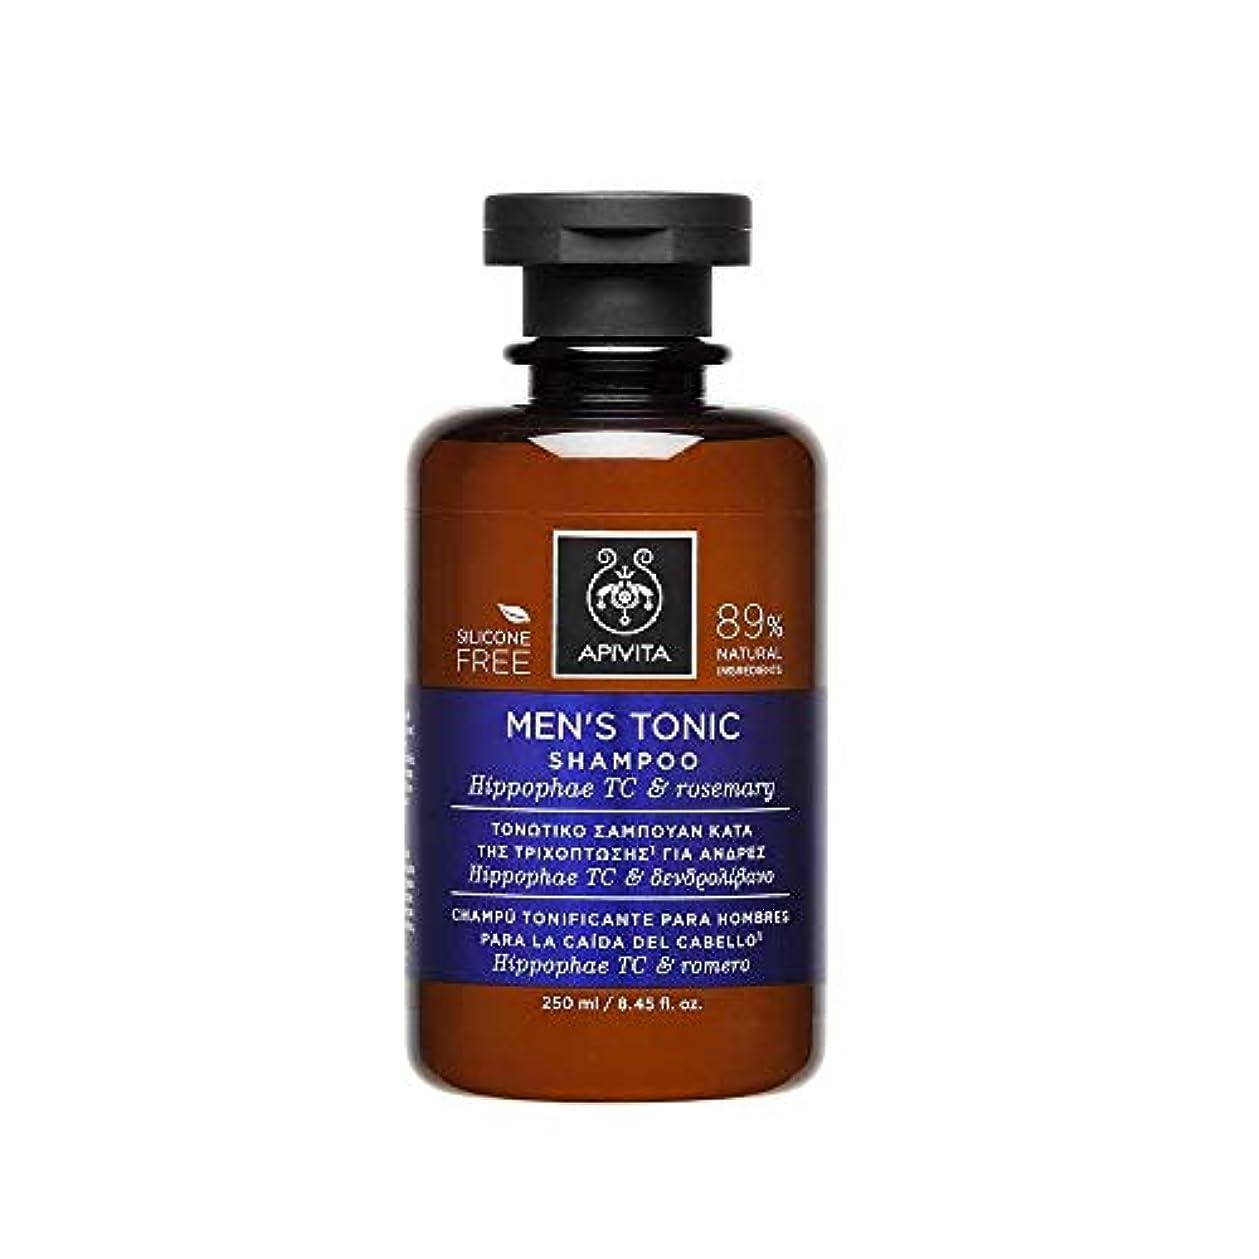 意識元に戻す書店アピヴィータ Men's Tonic Shampoo with Hippophae TC & Rosemary (For Thinning Hair) 250ml [並行輸入品]